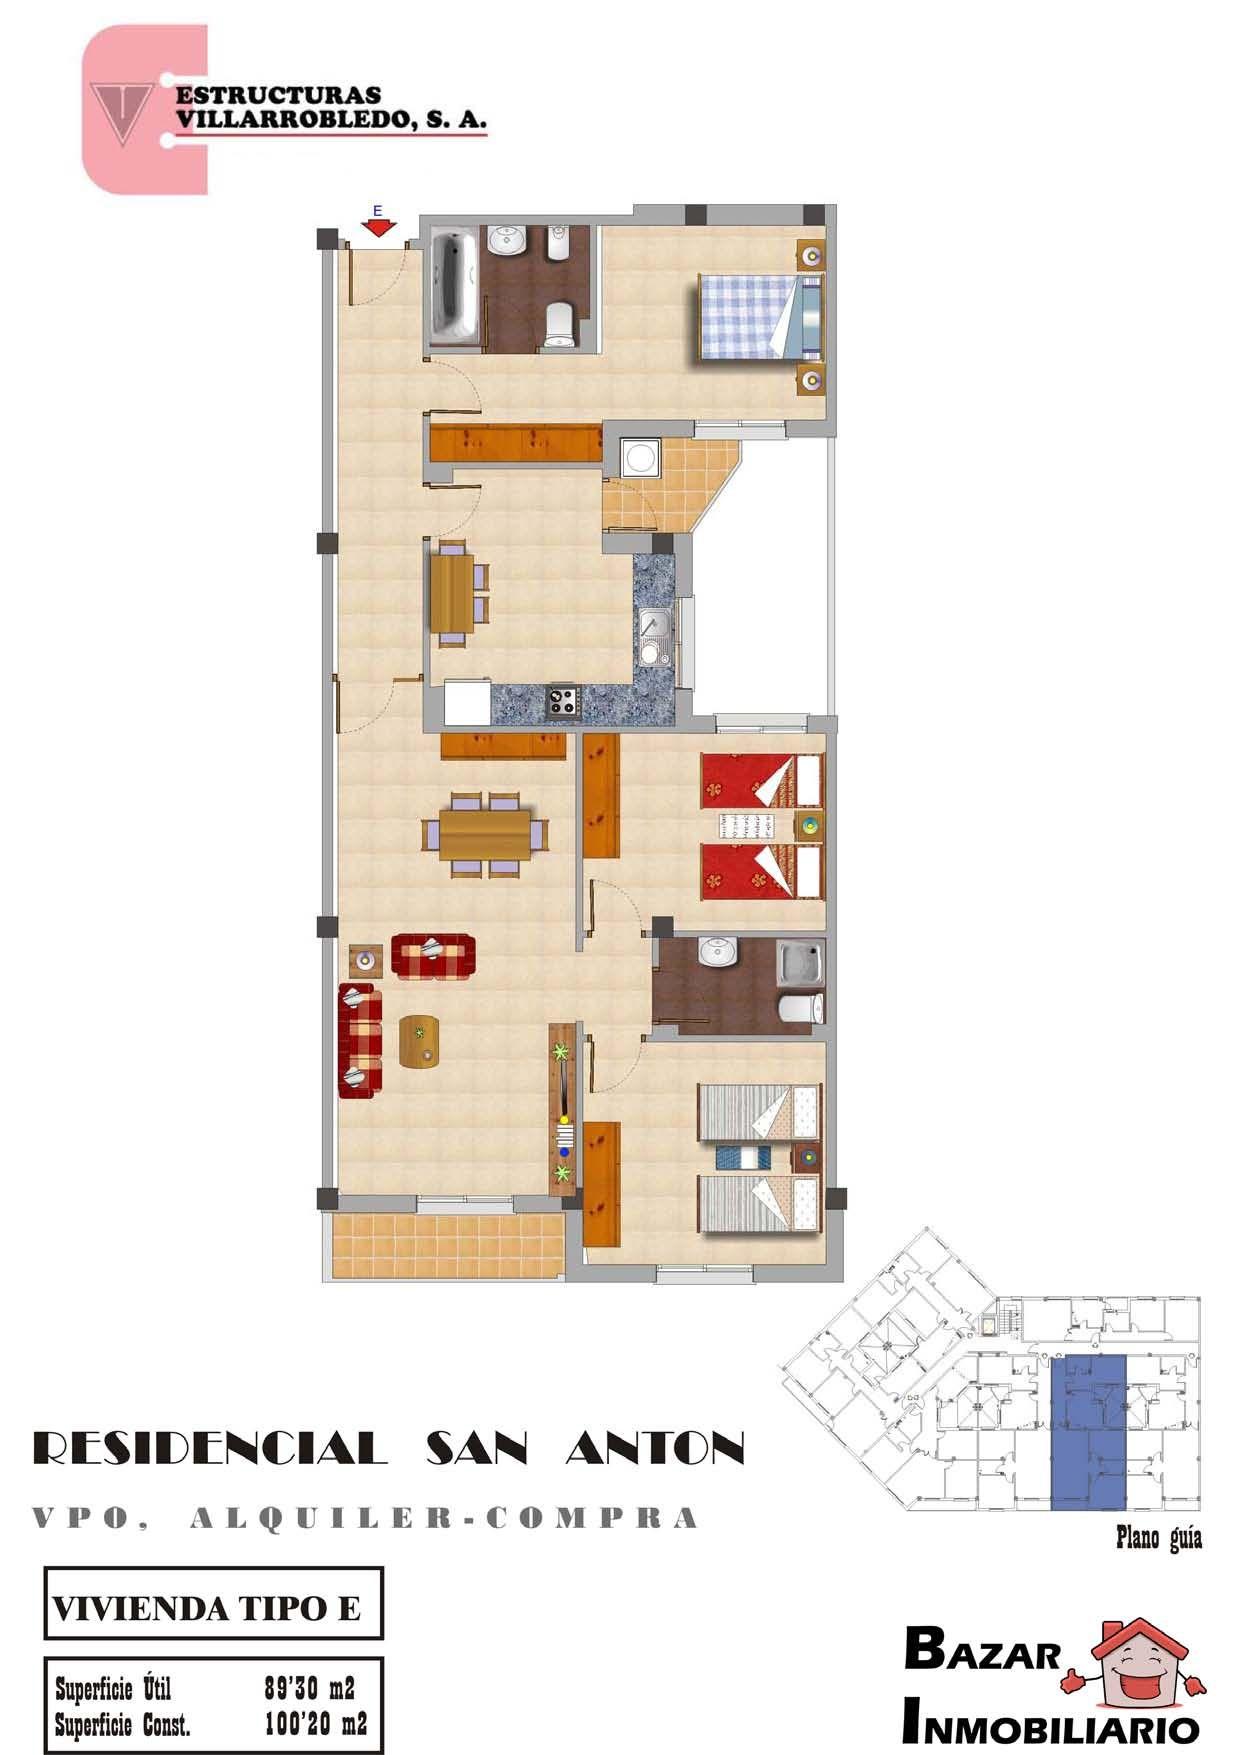 Promoción y venta de edificios: Servicios de Estructuras Villarrobledo